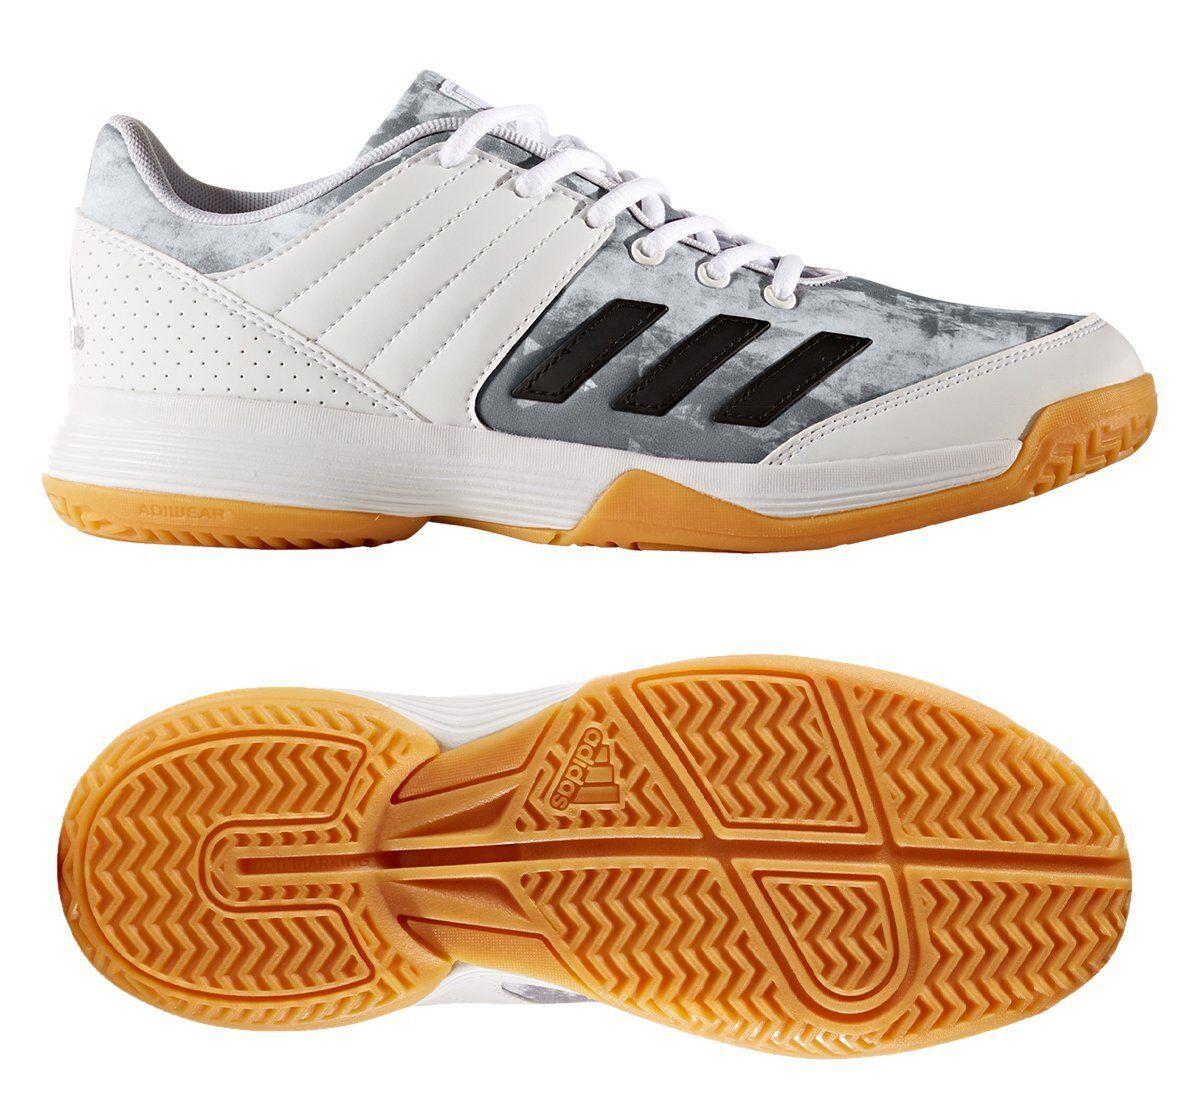 Adidas Damen Volleyballschuhe Ligra BY2578 5 Hallen Indoor Schuhe BY2578 Ligra Weiß Silber 591a40